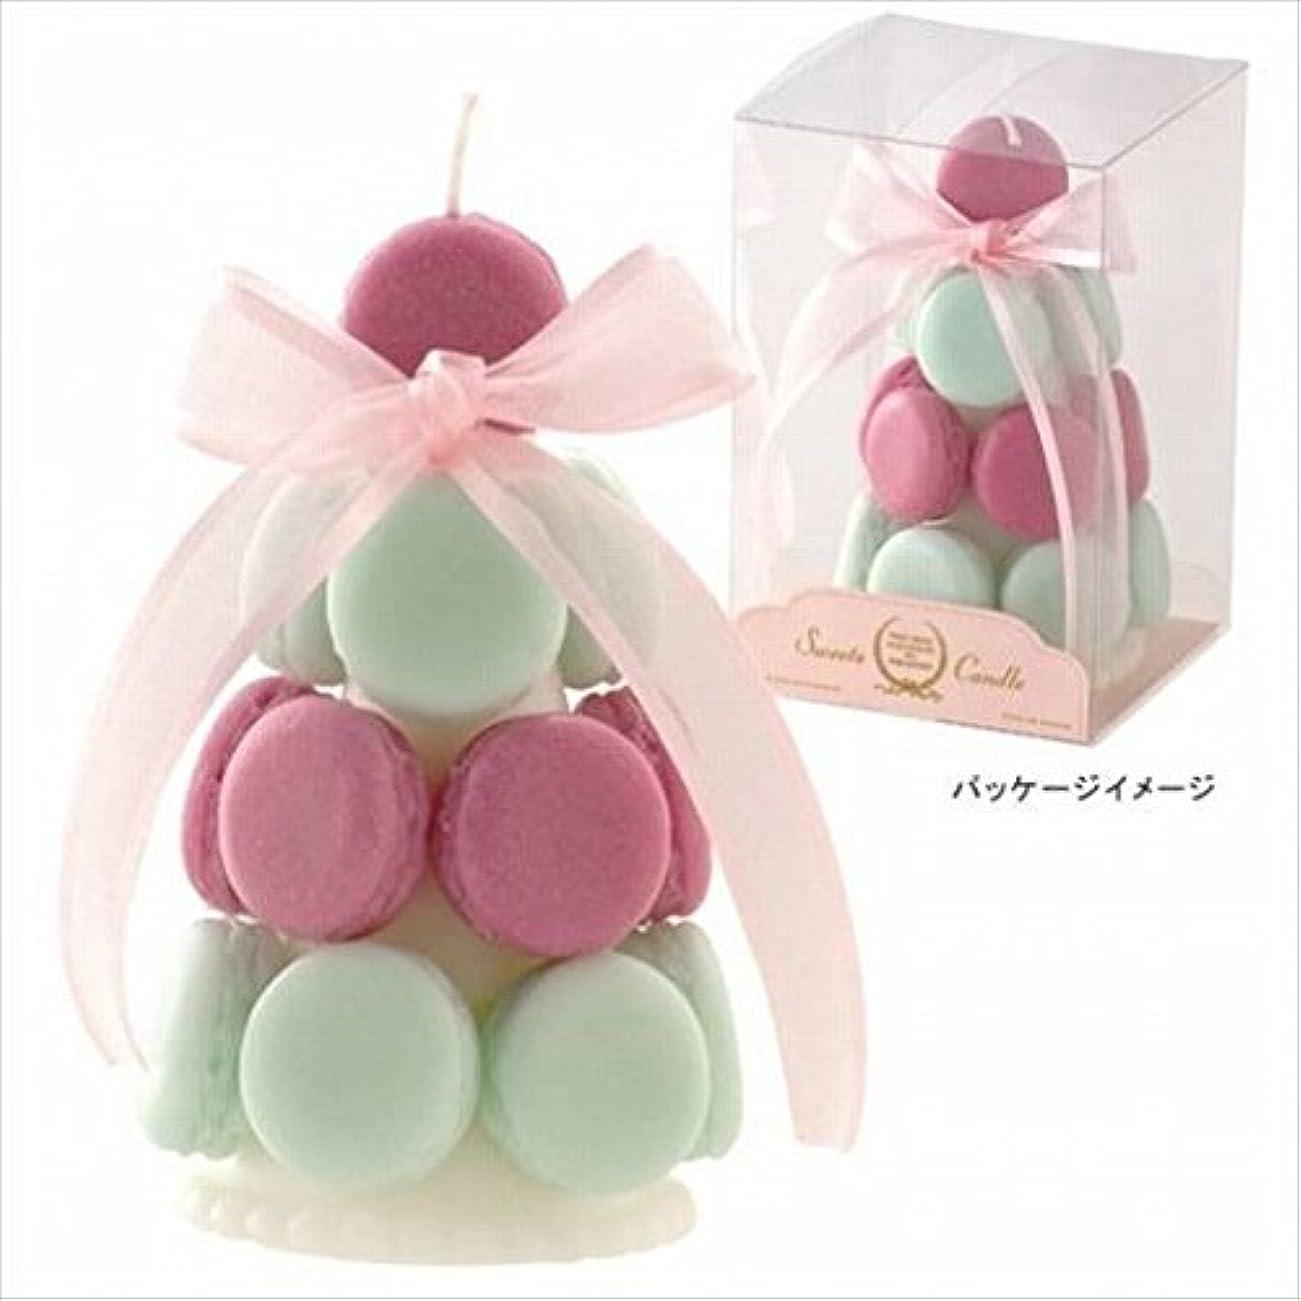 大量引き算回答kameyama candle(カメヤマキャンドル) ハッピーマカロンタワー 「 メロングリーン 」(A4580520)